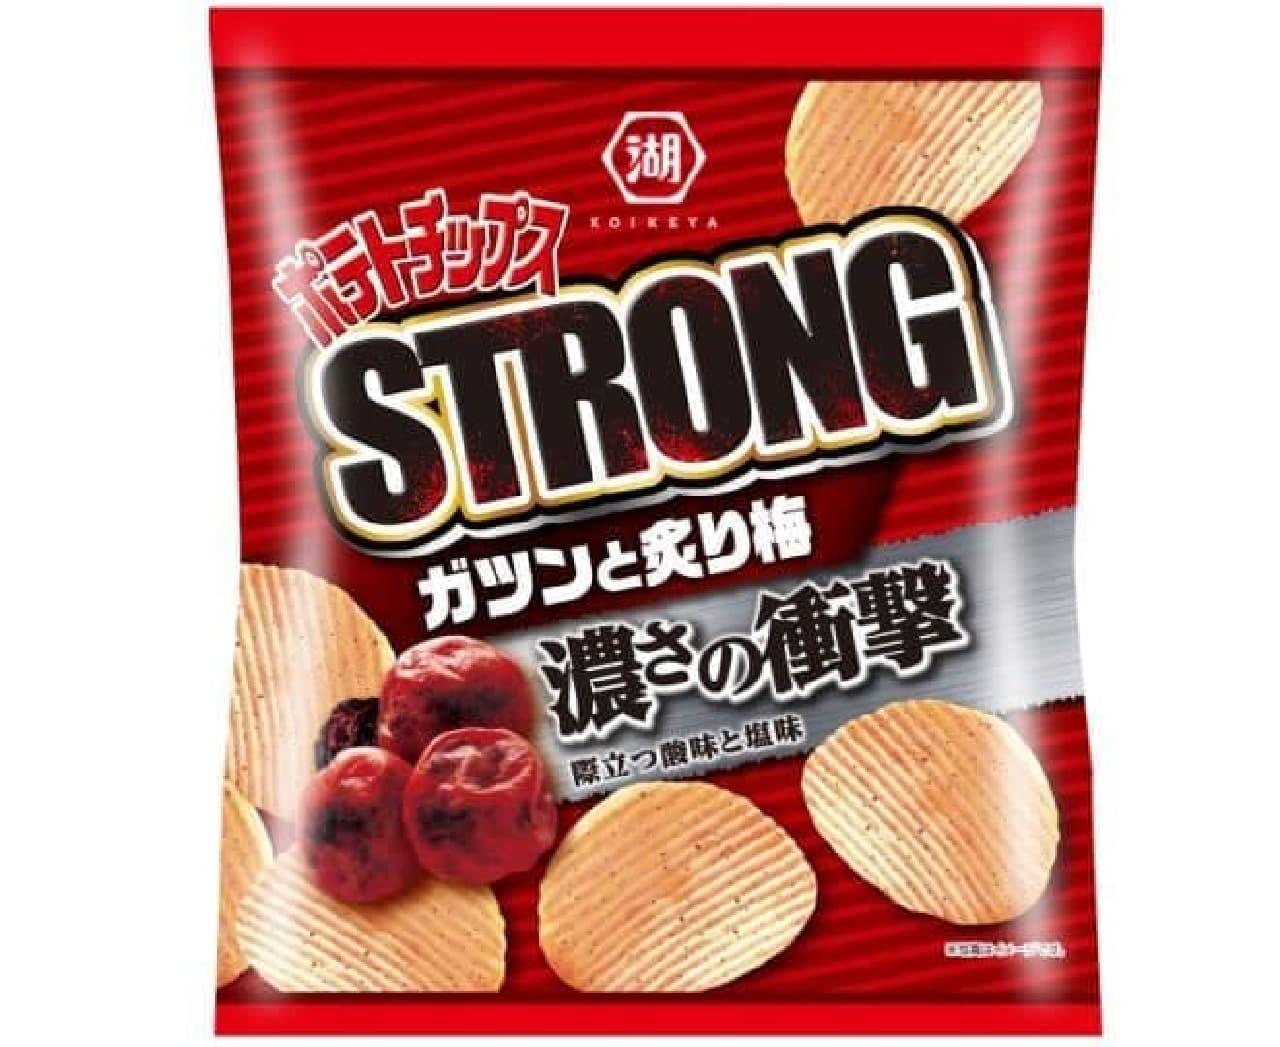 新商品「ポテトチップスSTRONG ガツンと炙り梅」